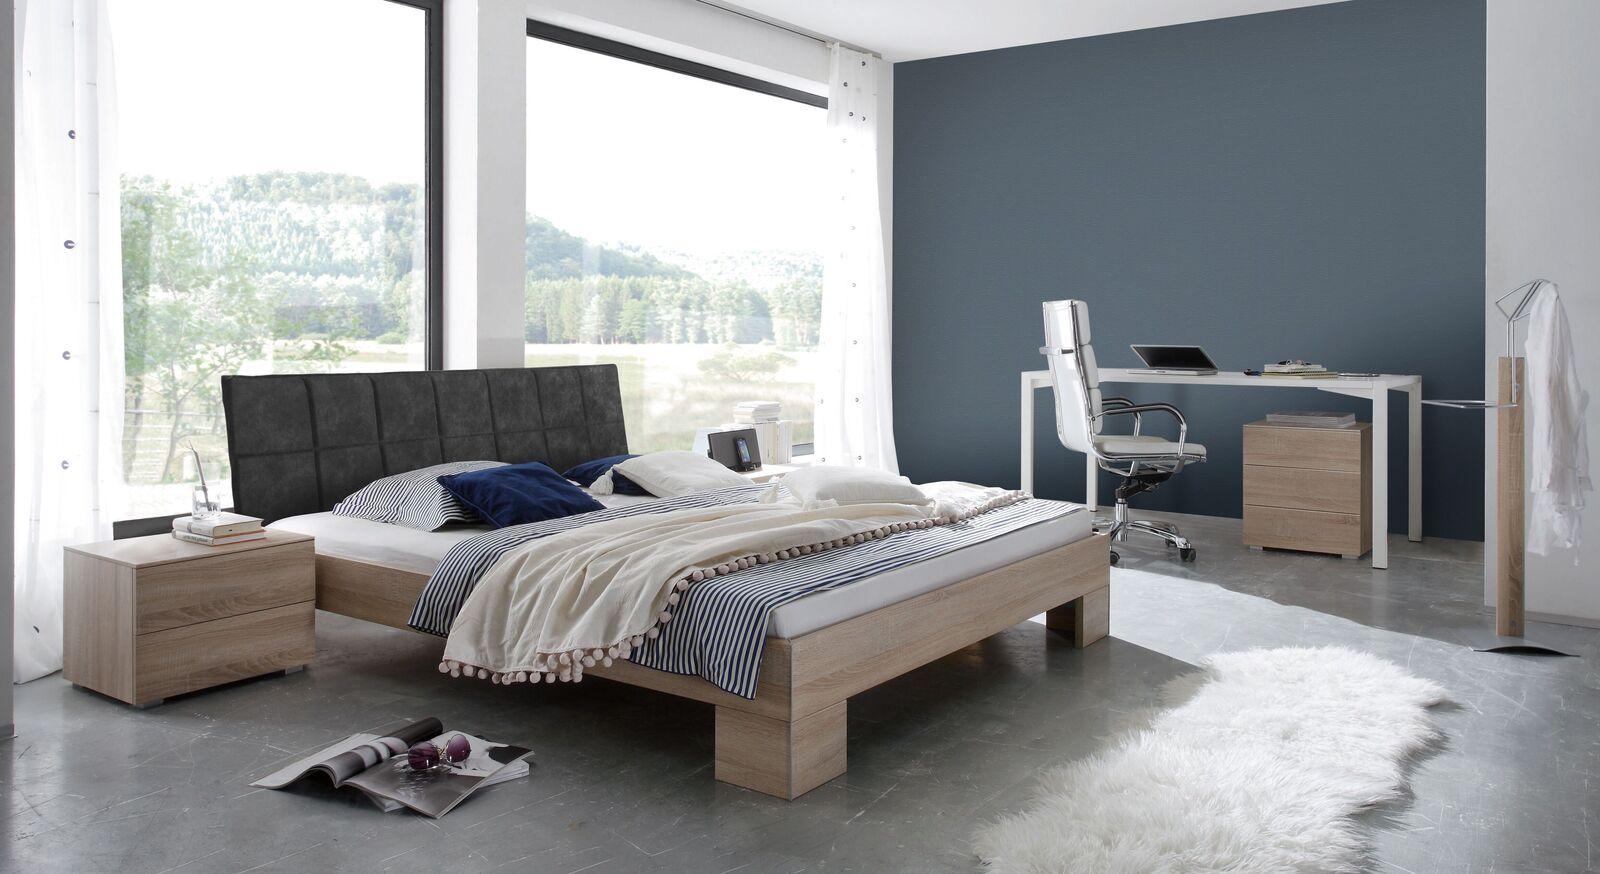 Bett Stephenville mit passender Schlafzimmer-Ausstattung